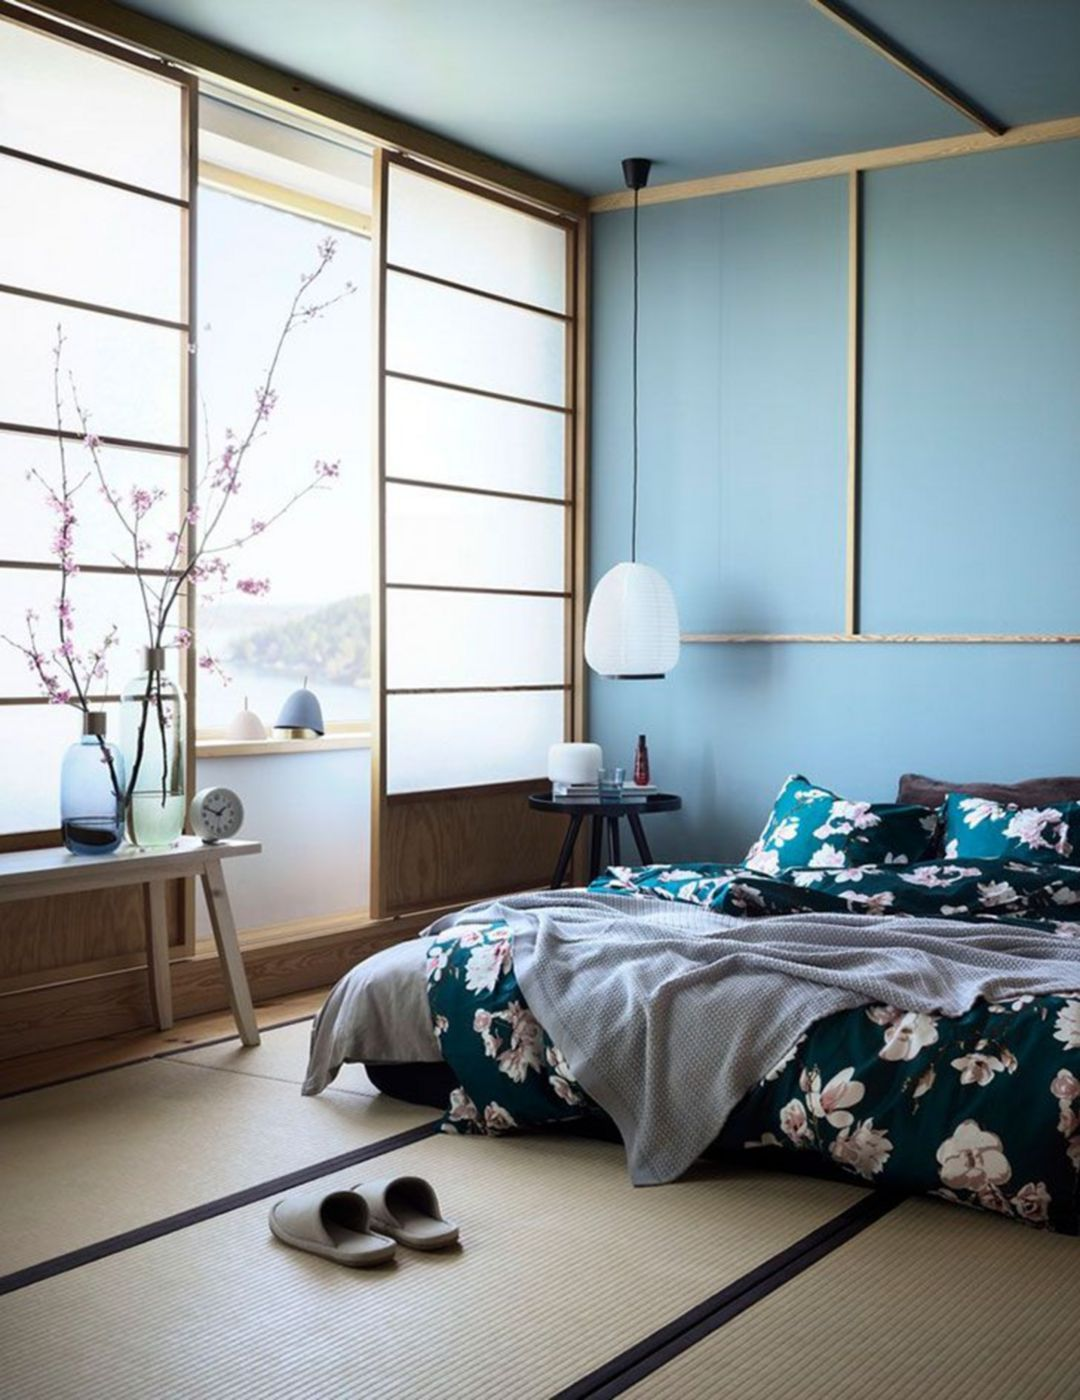 chambre lumineuse déco japonaise linge de lit fleuris banc bois cloison opaque